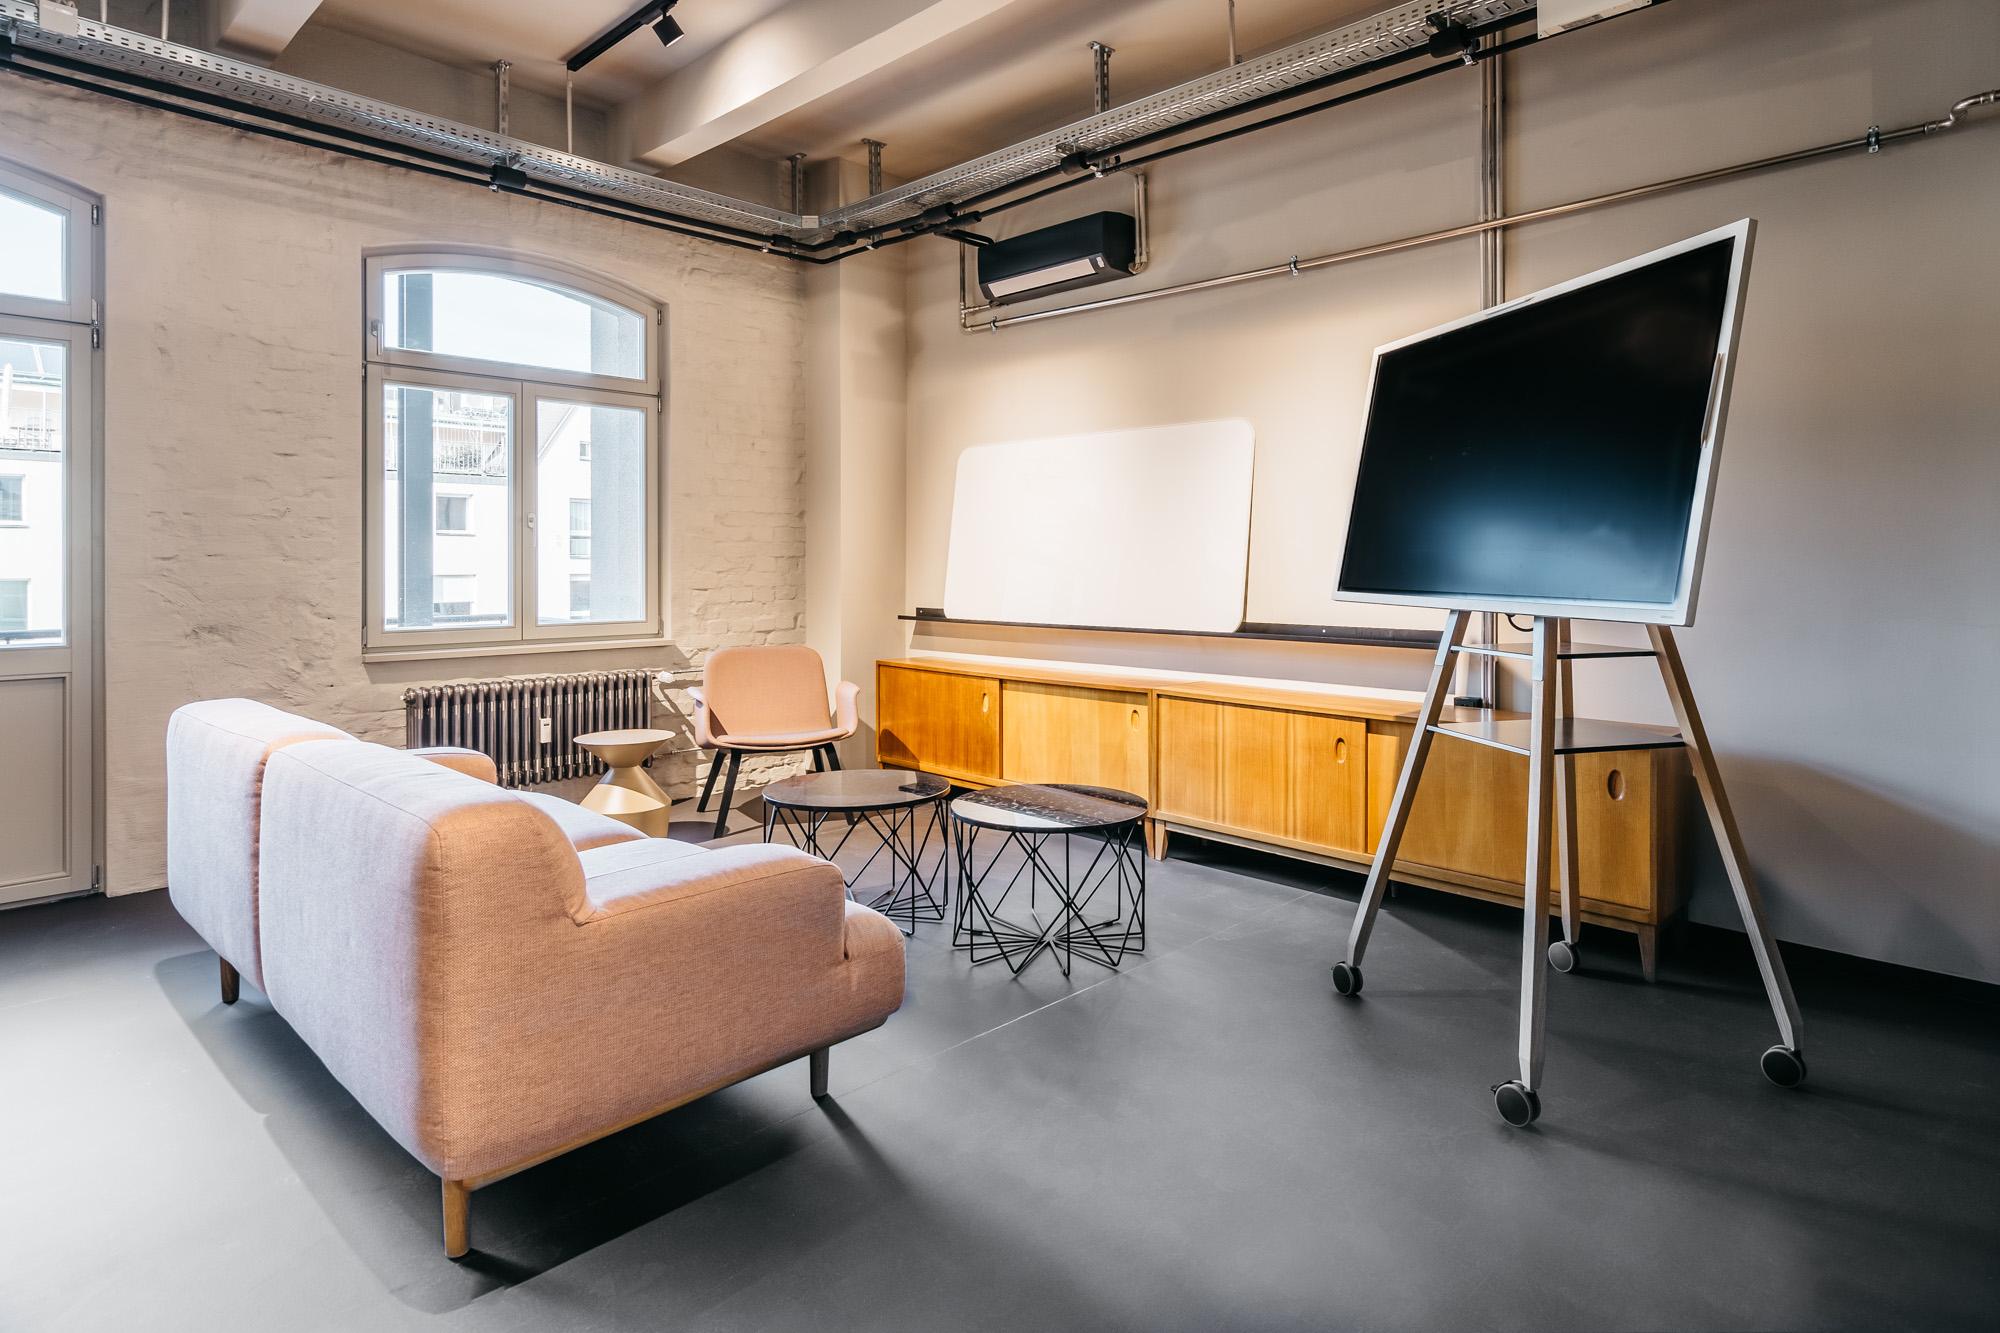 Clubhaus Luitpold by Rotonda